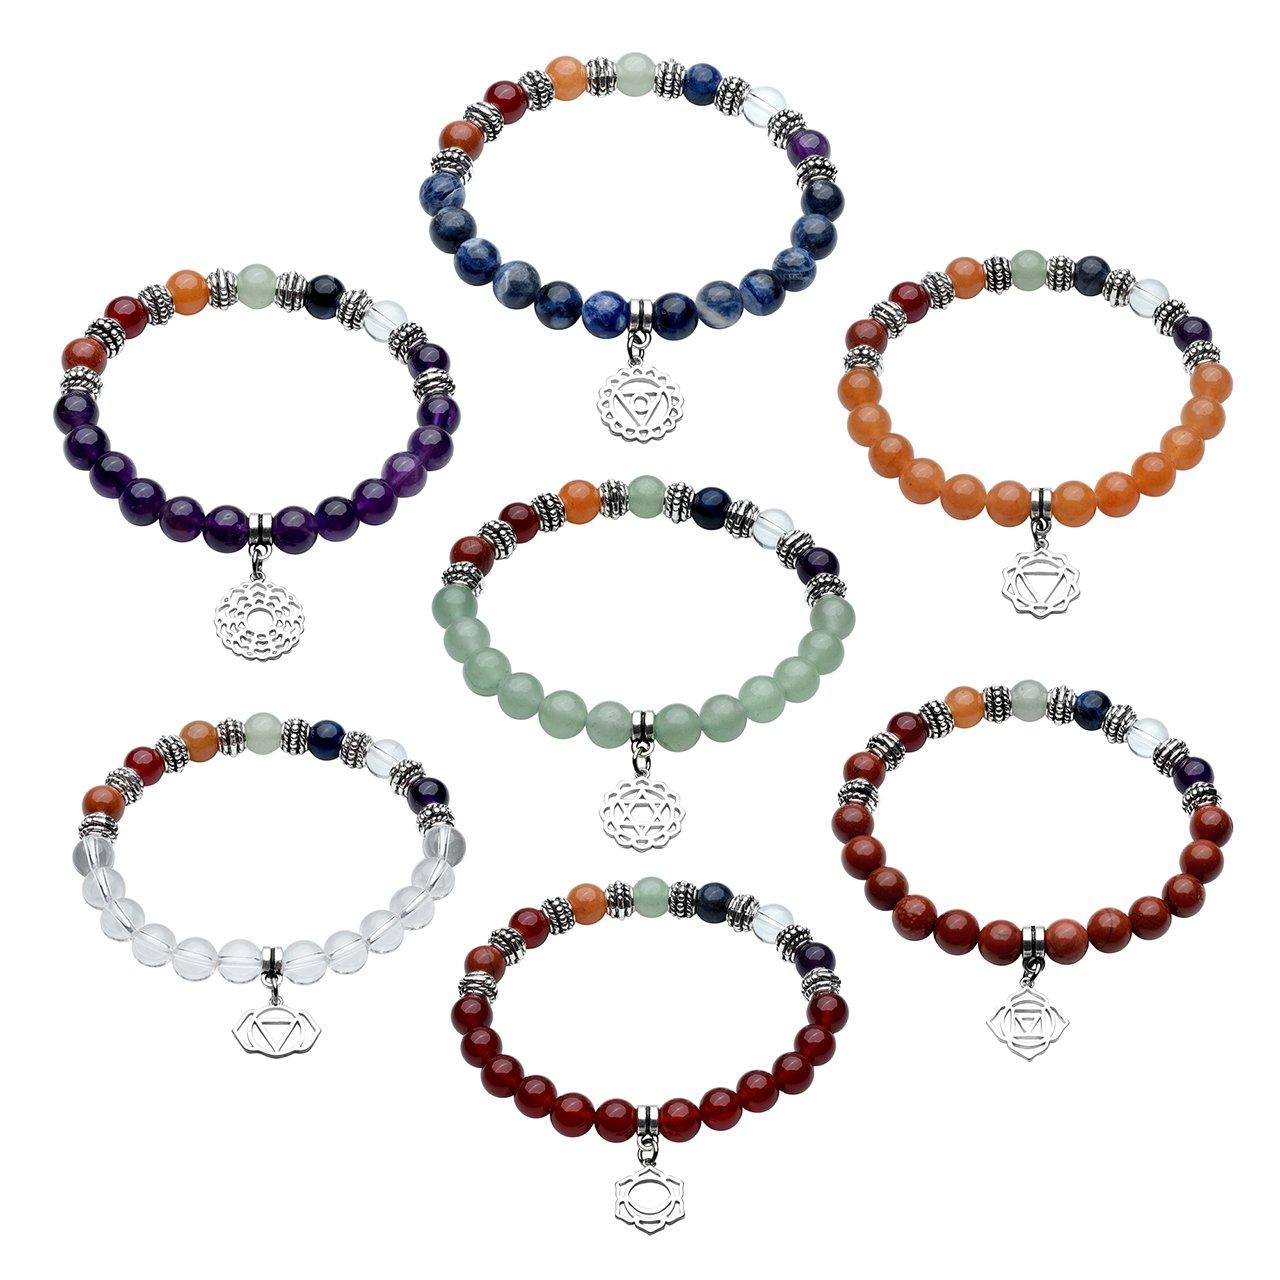 QGEM 7pcs/Set Bracelet en Pierre Chakra Naturelle avec Pendentif Muladhara d\'Energie Perle Reiki Bonheur